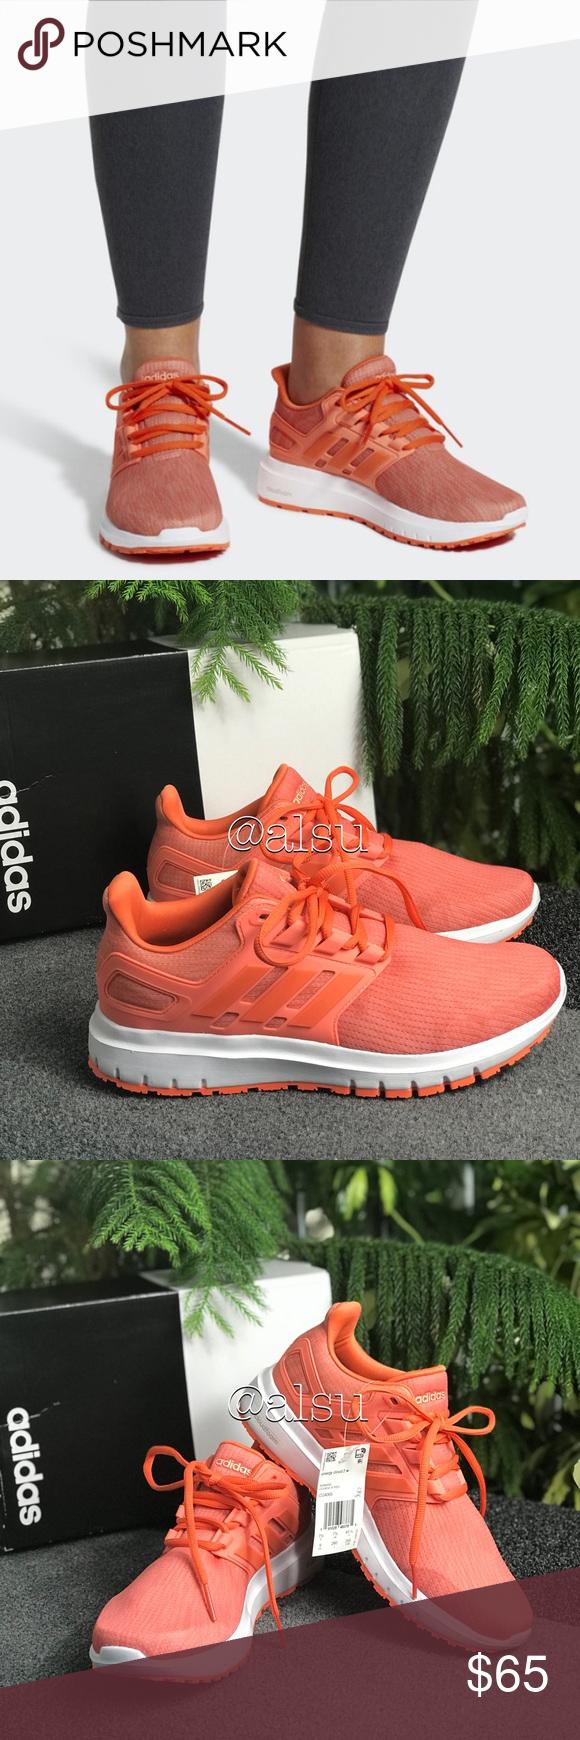 Nwt Adidas Energy Cloud 2 Particular Peach W Nwt Clothes Design Fashion Design Neutral Shoes